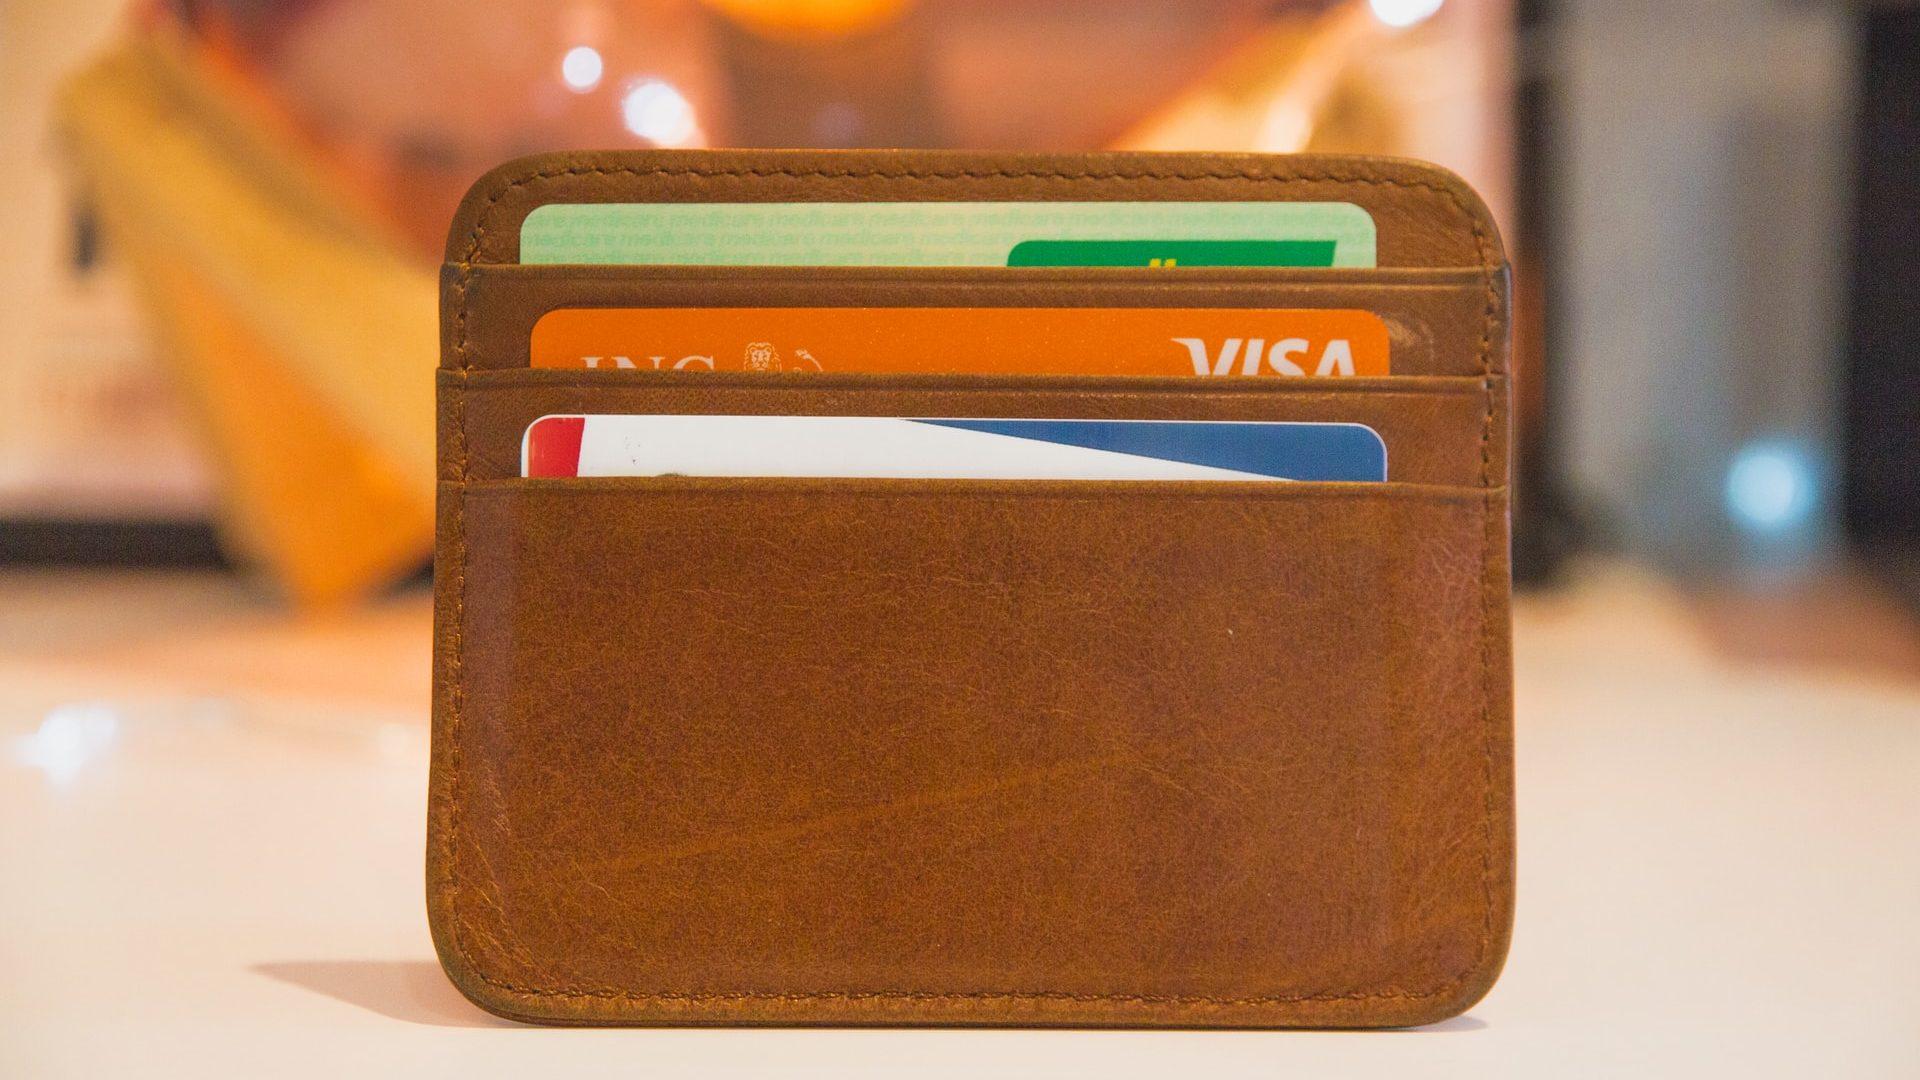 財布の中にクレジットカードが入っている